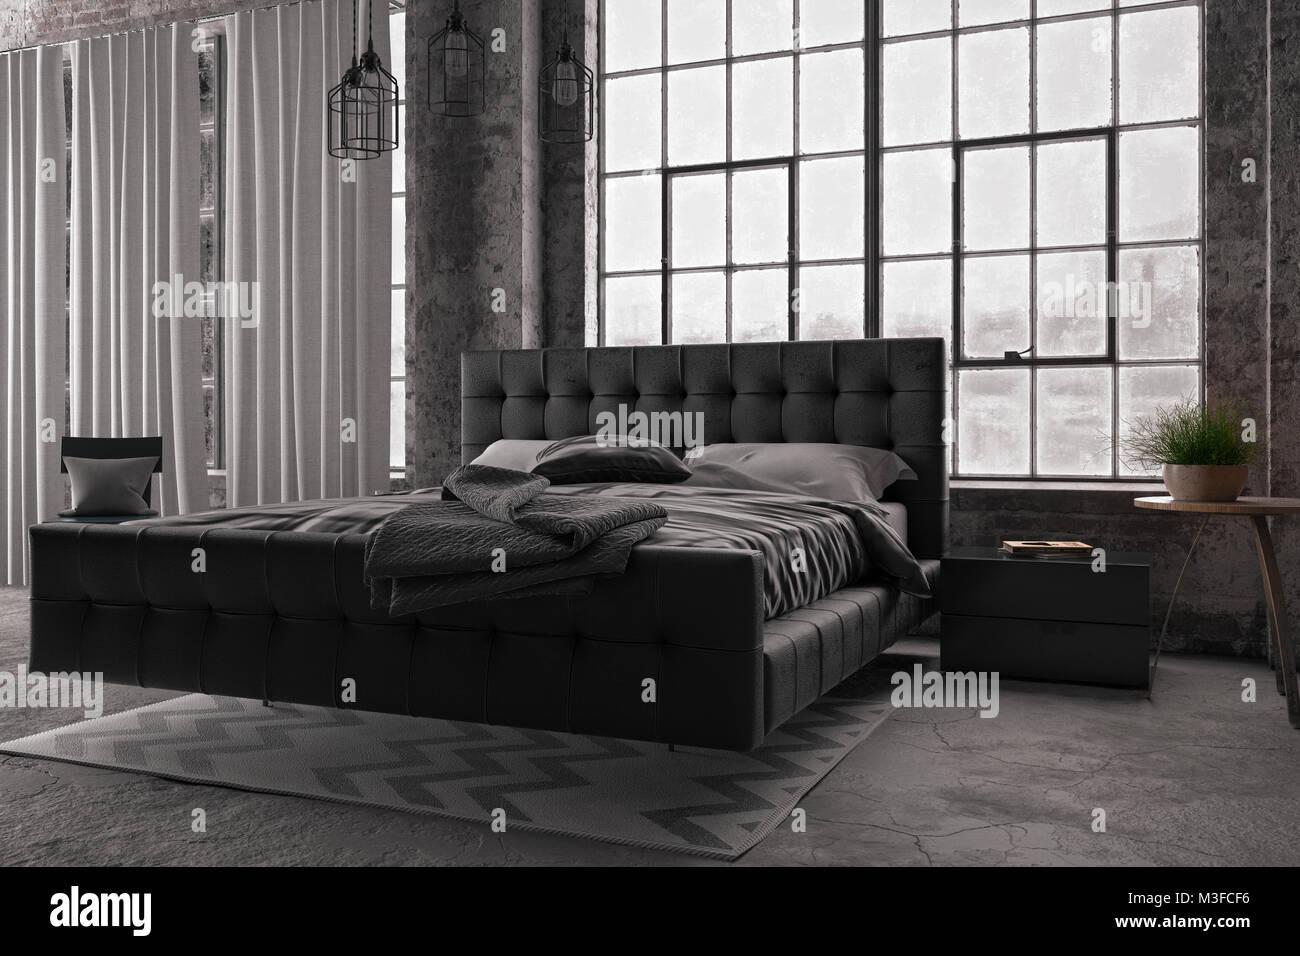 Letto King Size In Moderno Stile Loft Camera Da Letto Con Ampia Finestra Il Rendering 3d Foto Stock Alamy